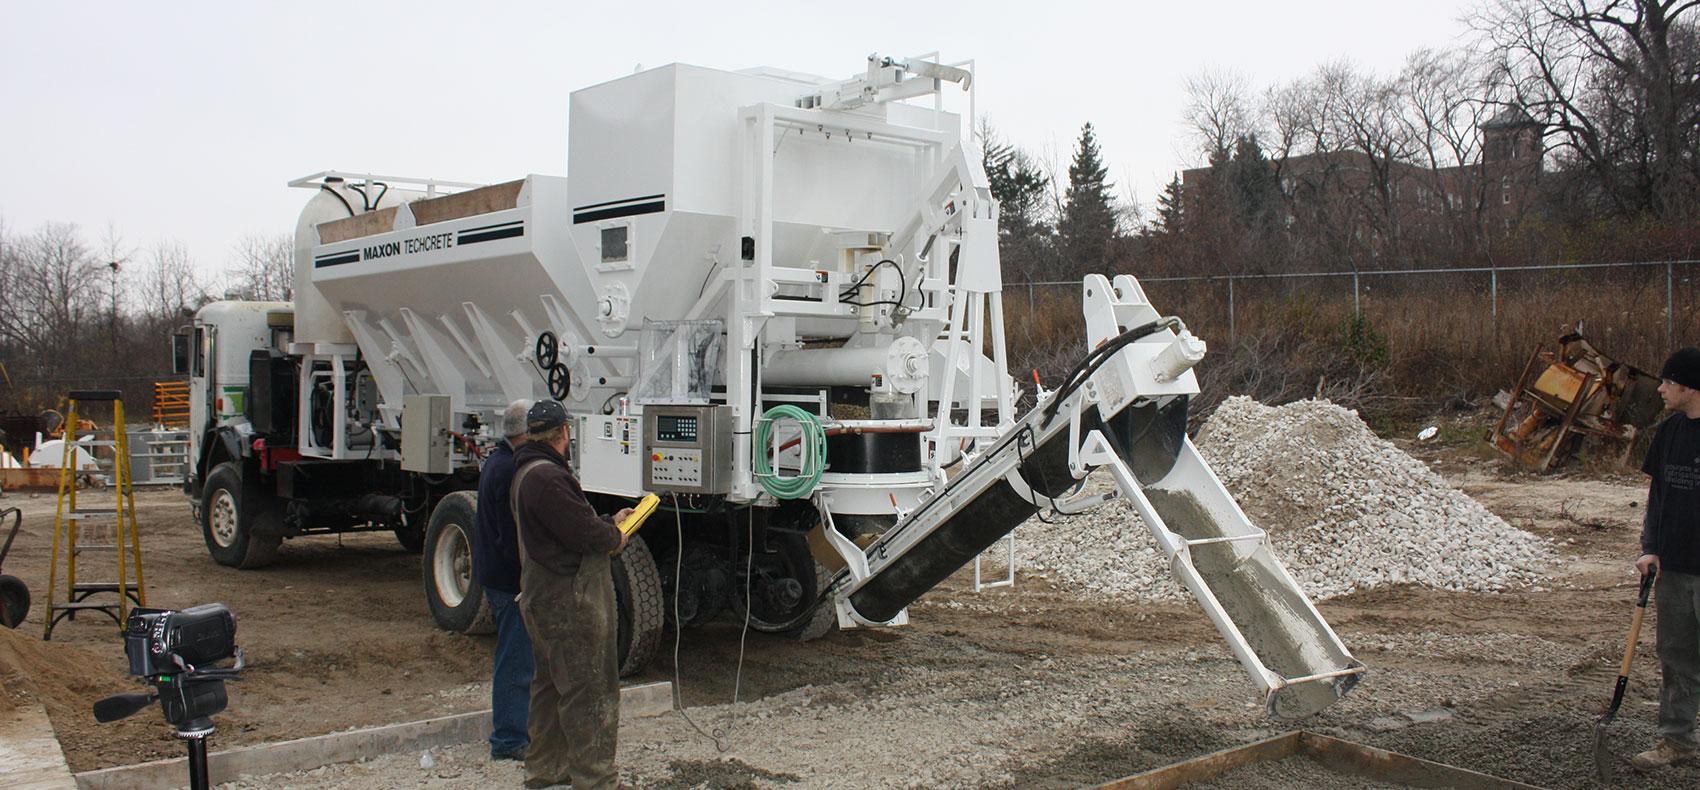 Mobile Concrete Mixing - Concrete Placement | Maxon Industries, Inc